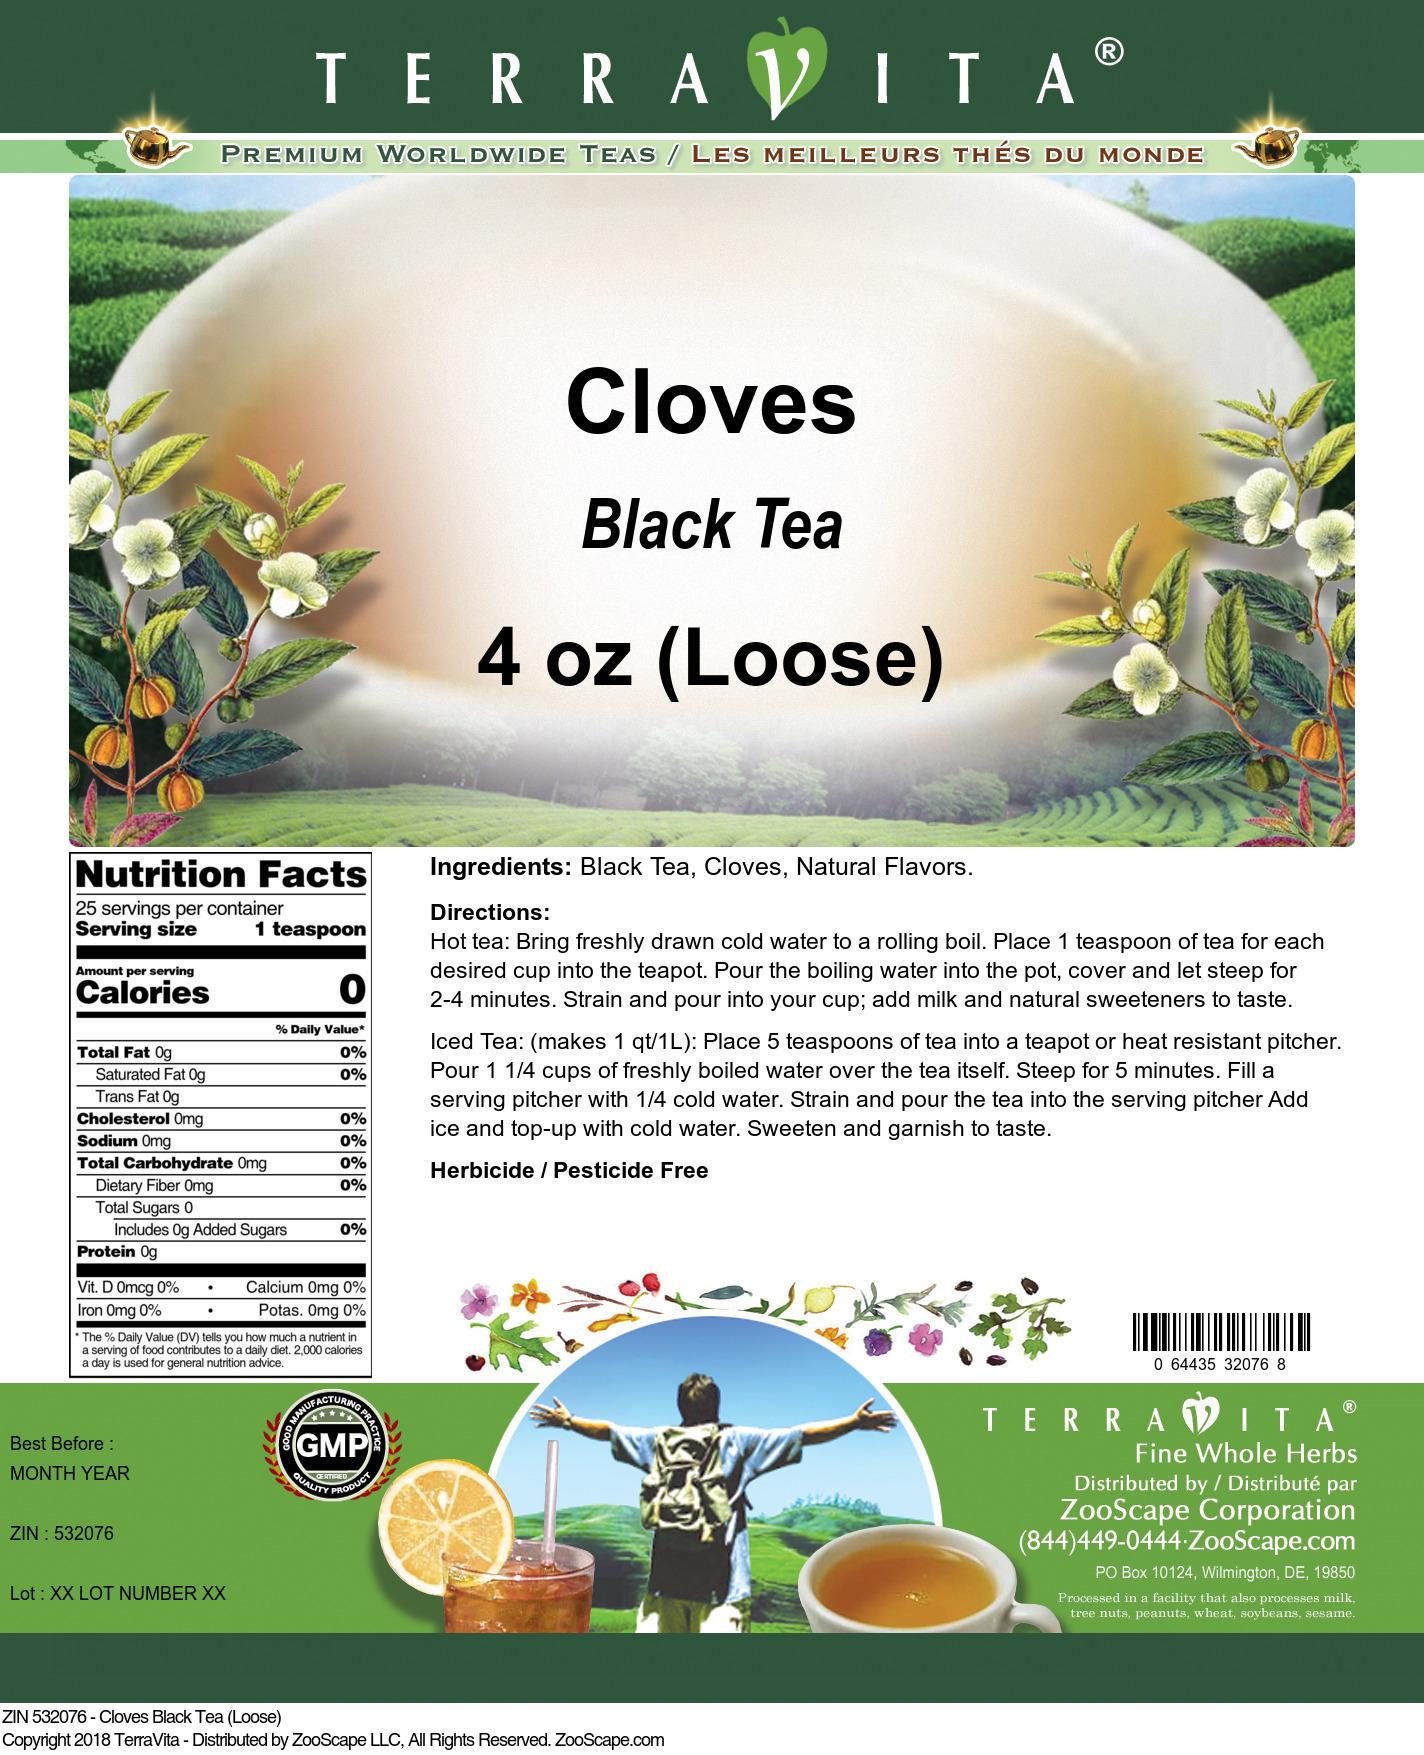 Cloves Black Tea (Loose)